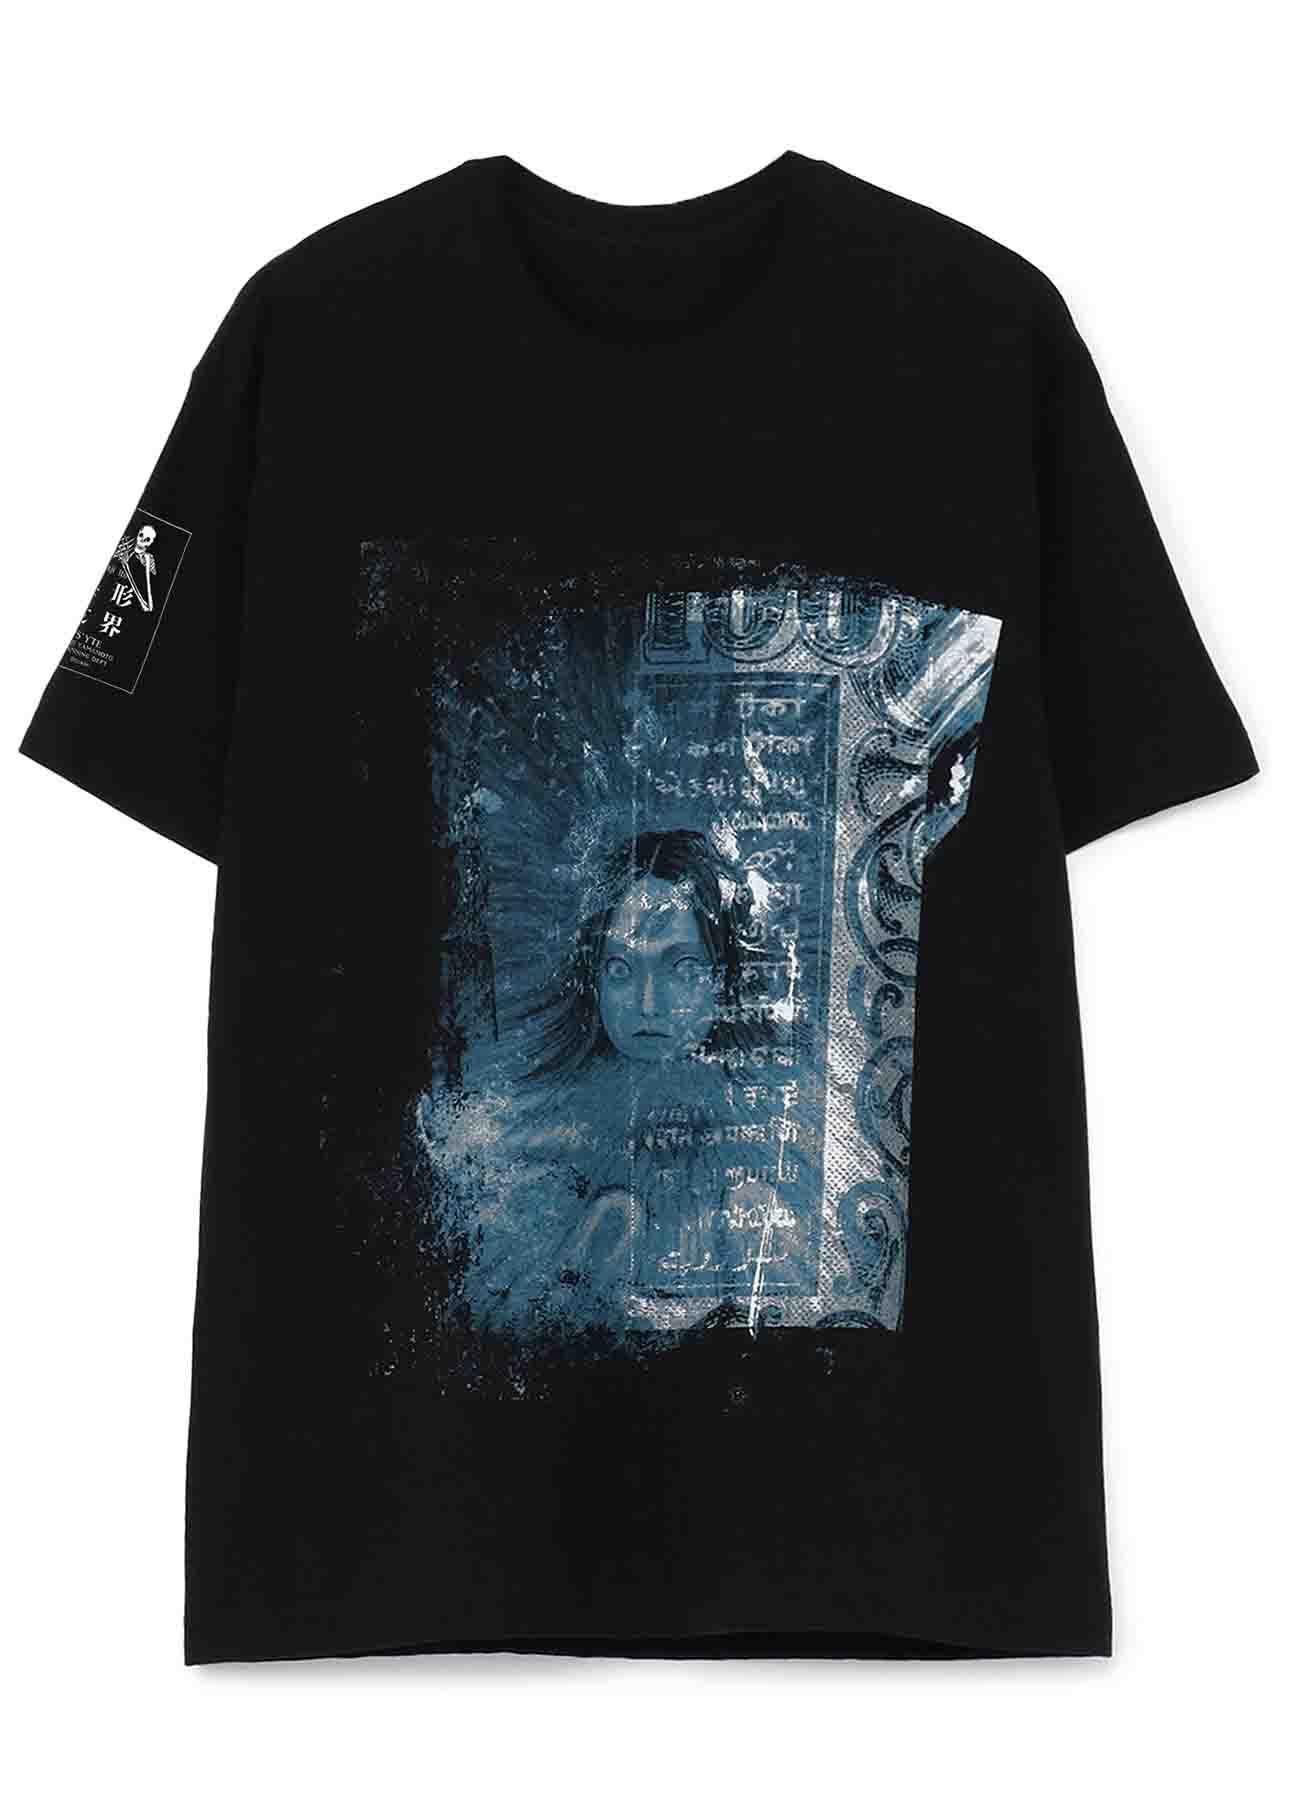 Junji ITO Third Eyes T-shirt